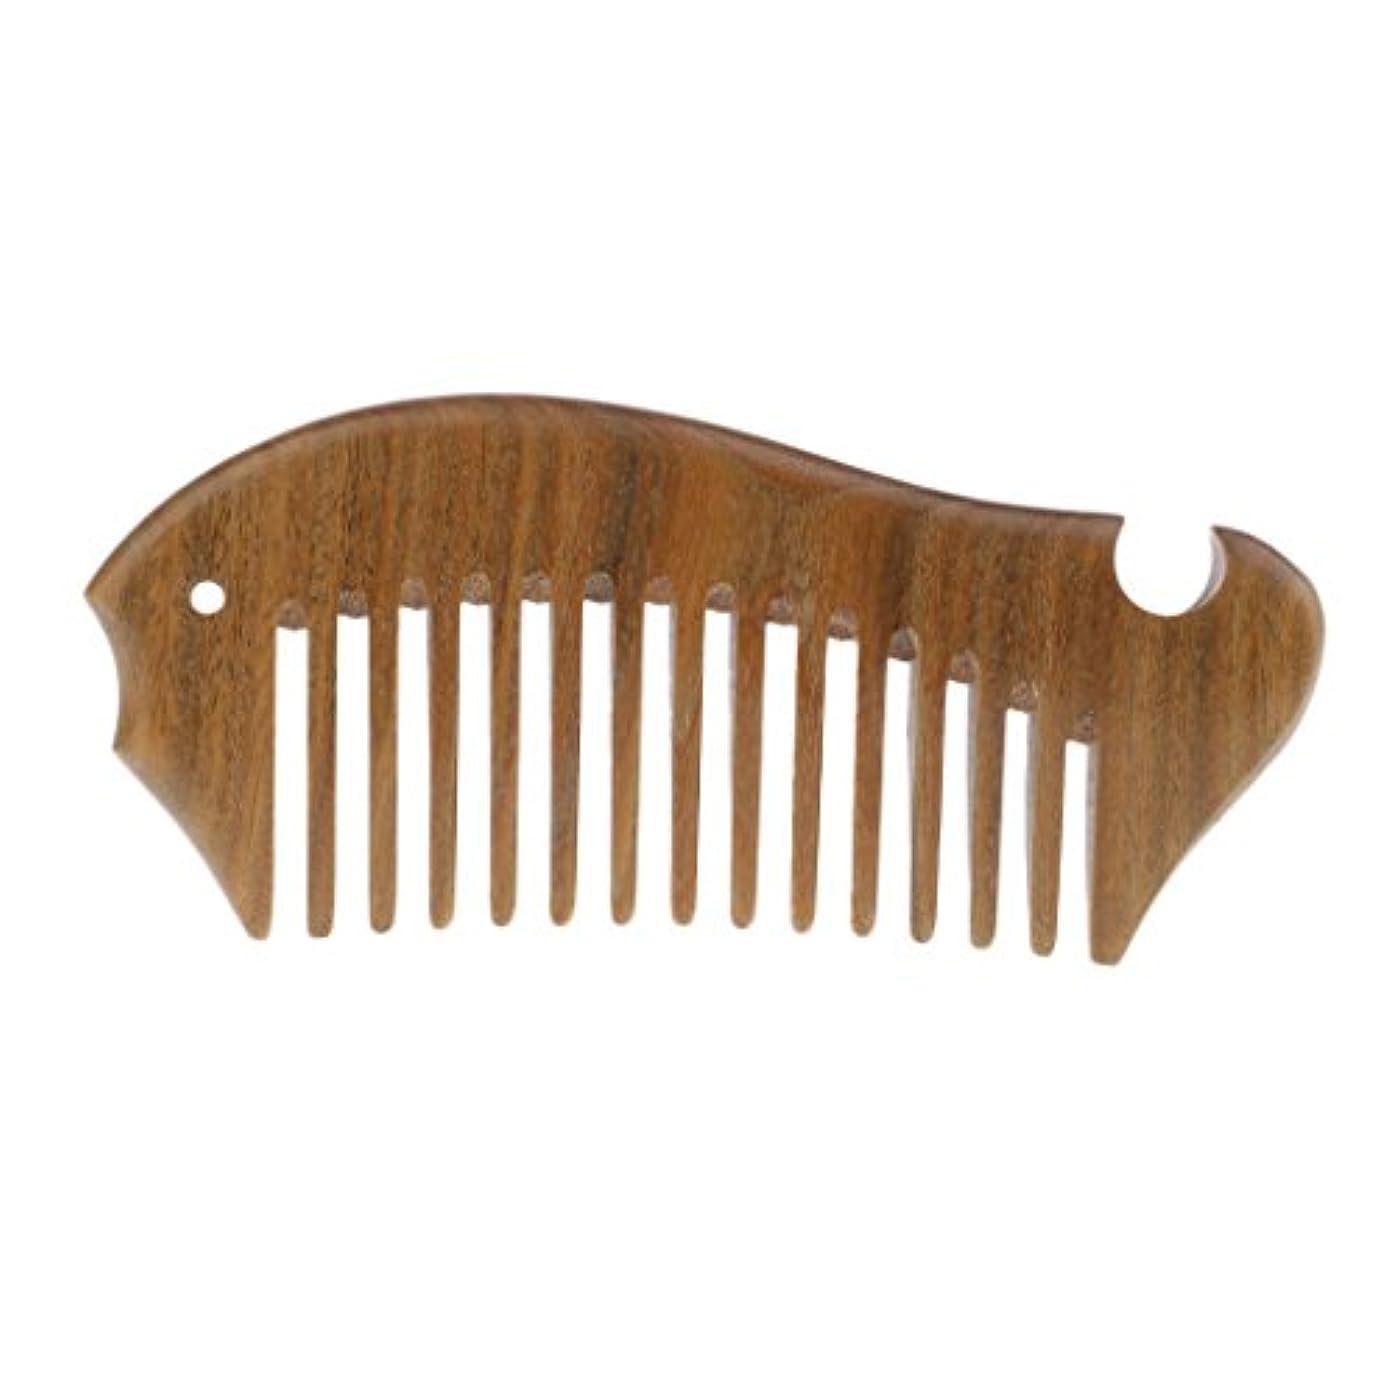 マイクロプロセッサ寛容な階層gazechimp 木製櫛 帯電防止櫛 ヘアコーム 頭皮 ケア マッサージ